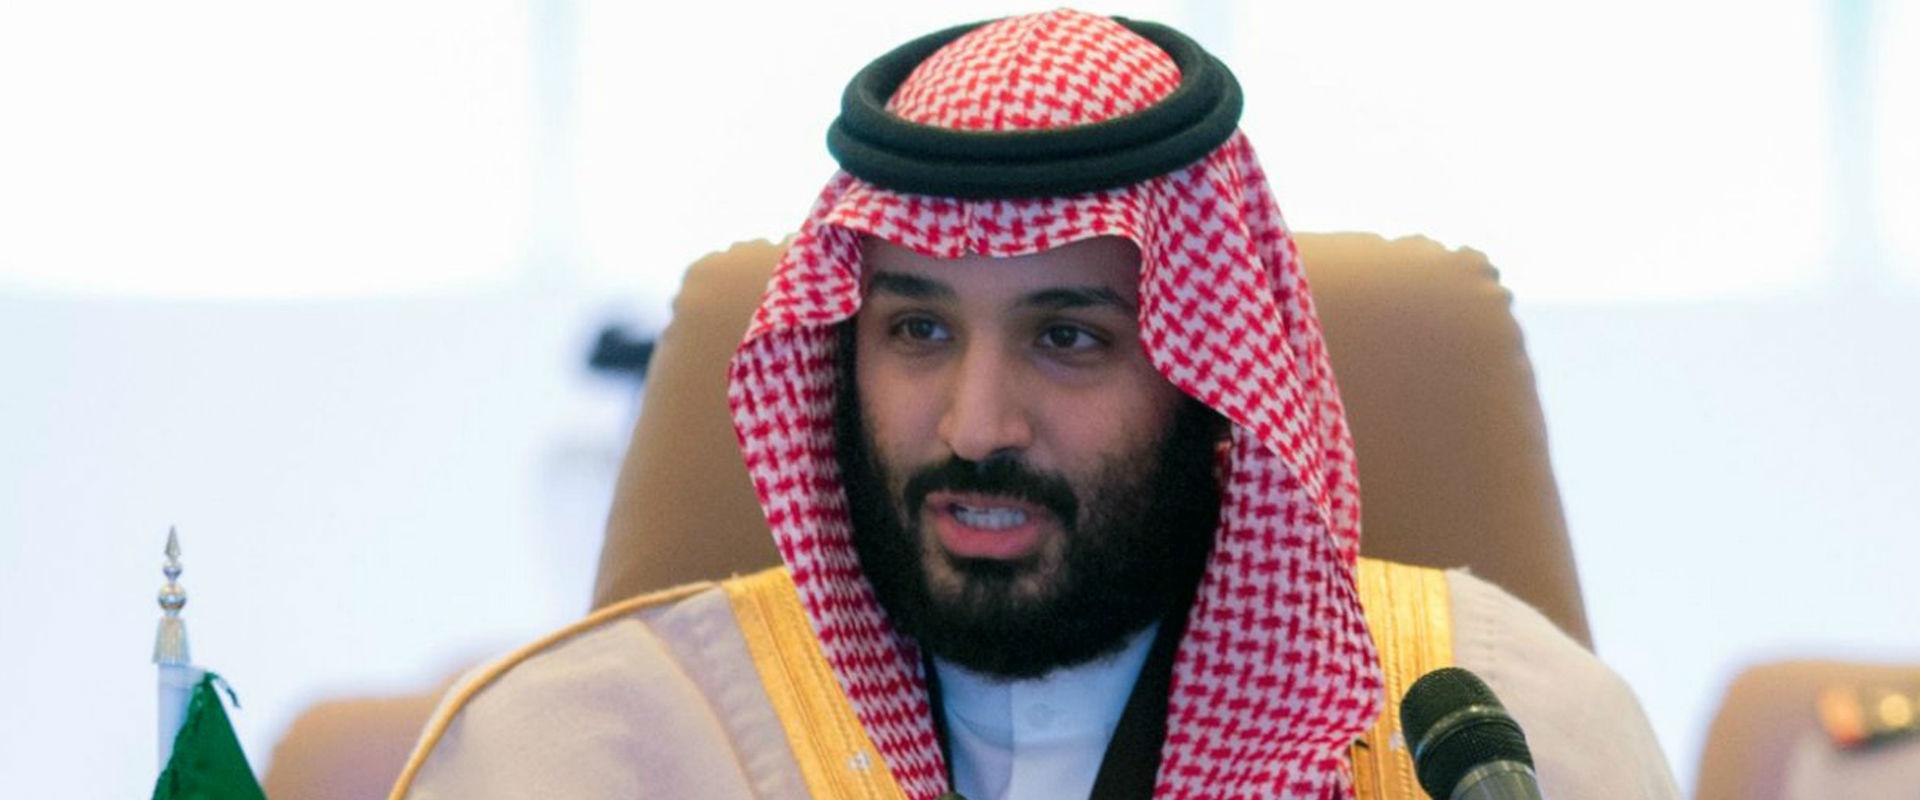 יורש העצר הסעודי, מוחמד בן סלמאן